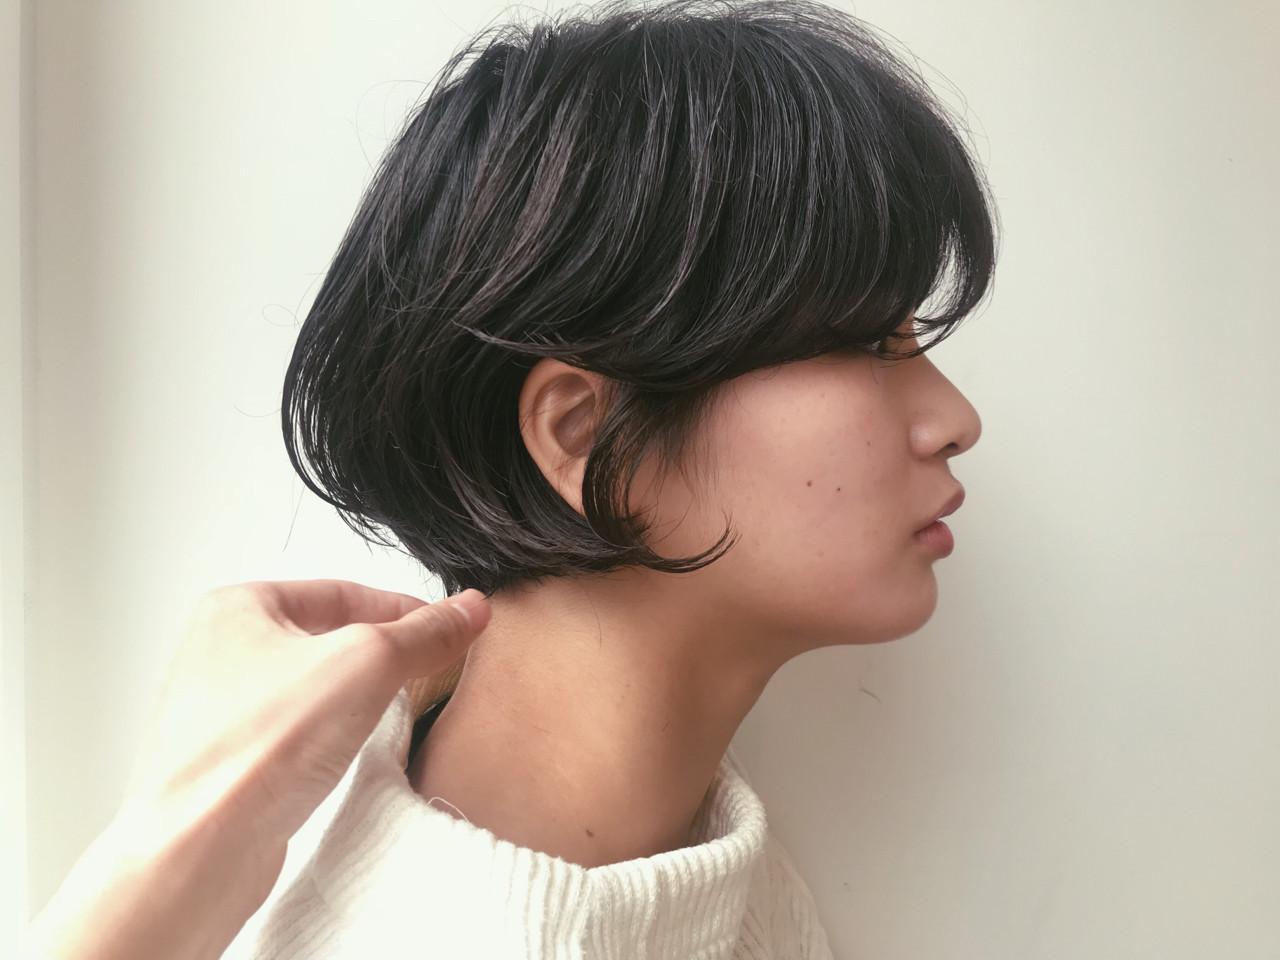 大人っぽさ抜群の黒髪ワンカールショート 仙頭郁弥 | loji+LIM